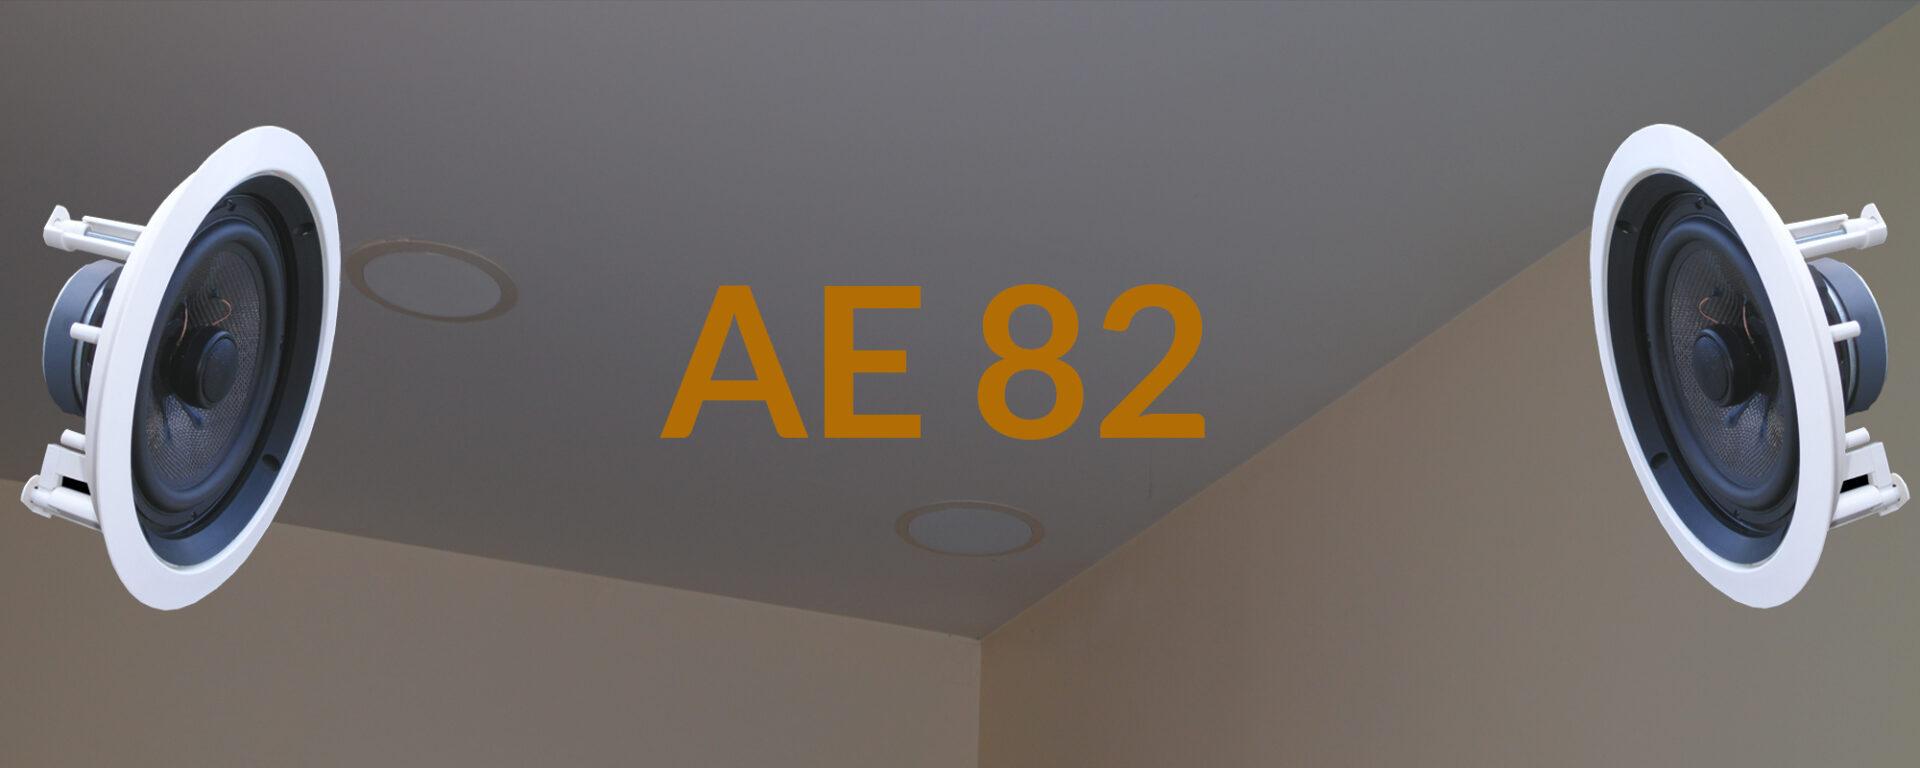 AE_82_full_size_header